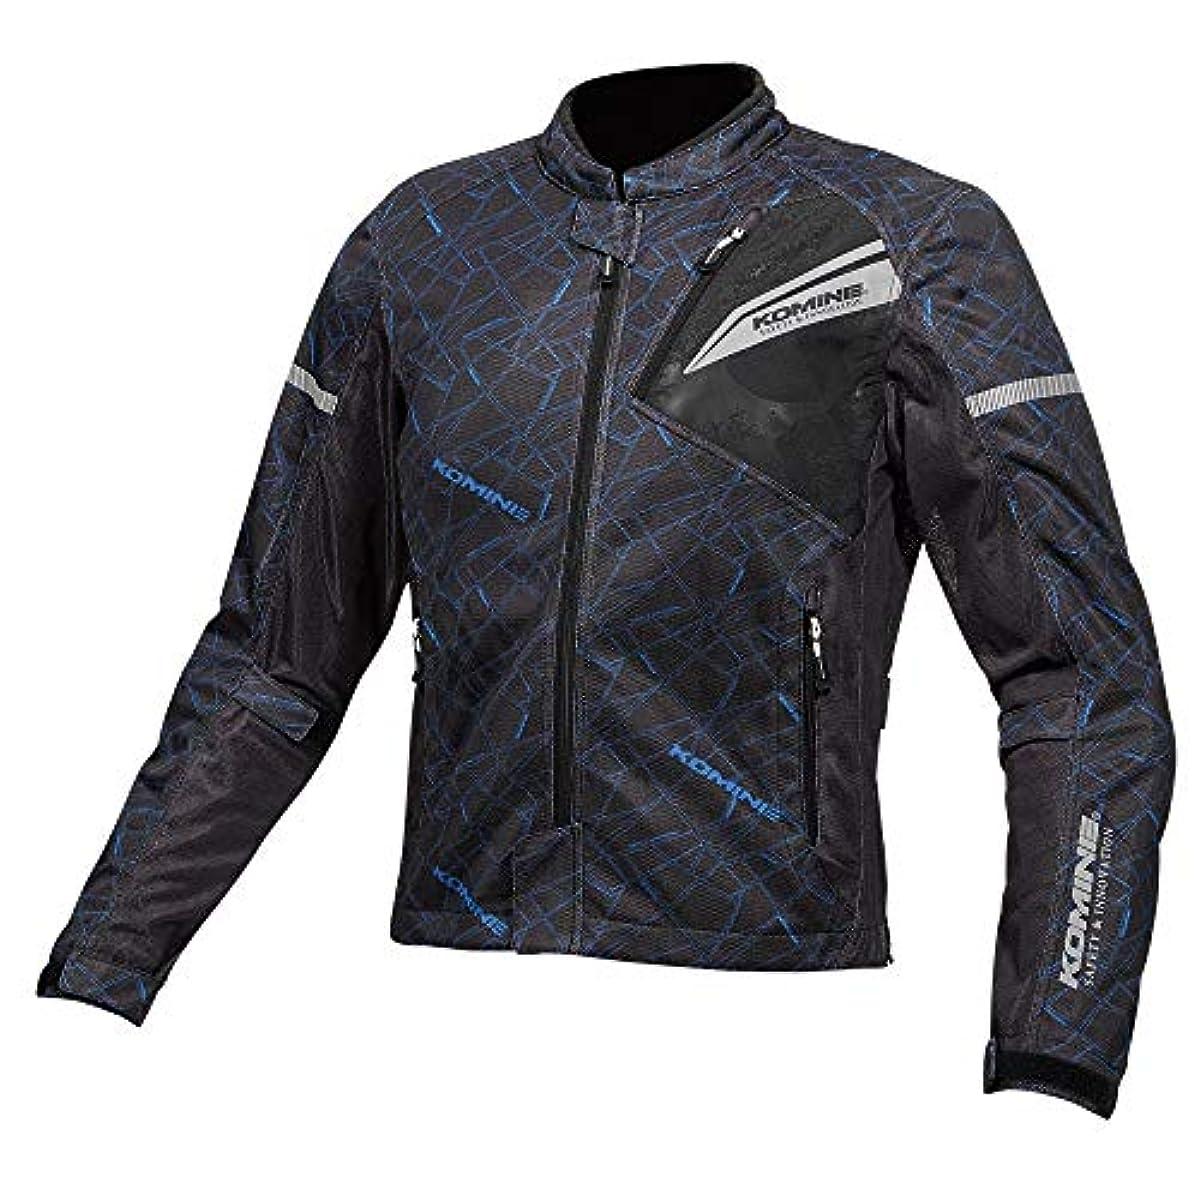 [해외] 코미네 KOMINE 오토바이 프로텍트 풀 메쉬 재킷 아우터 프로텍터 통기성 CRUSH BLUE/BLACK L JK-140 07-140